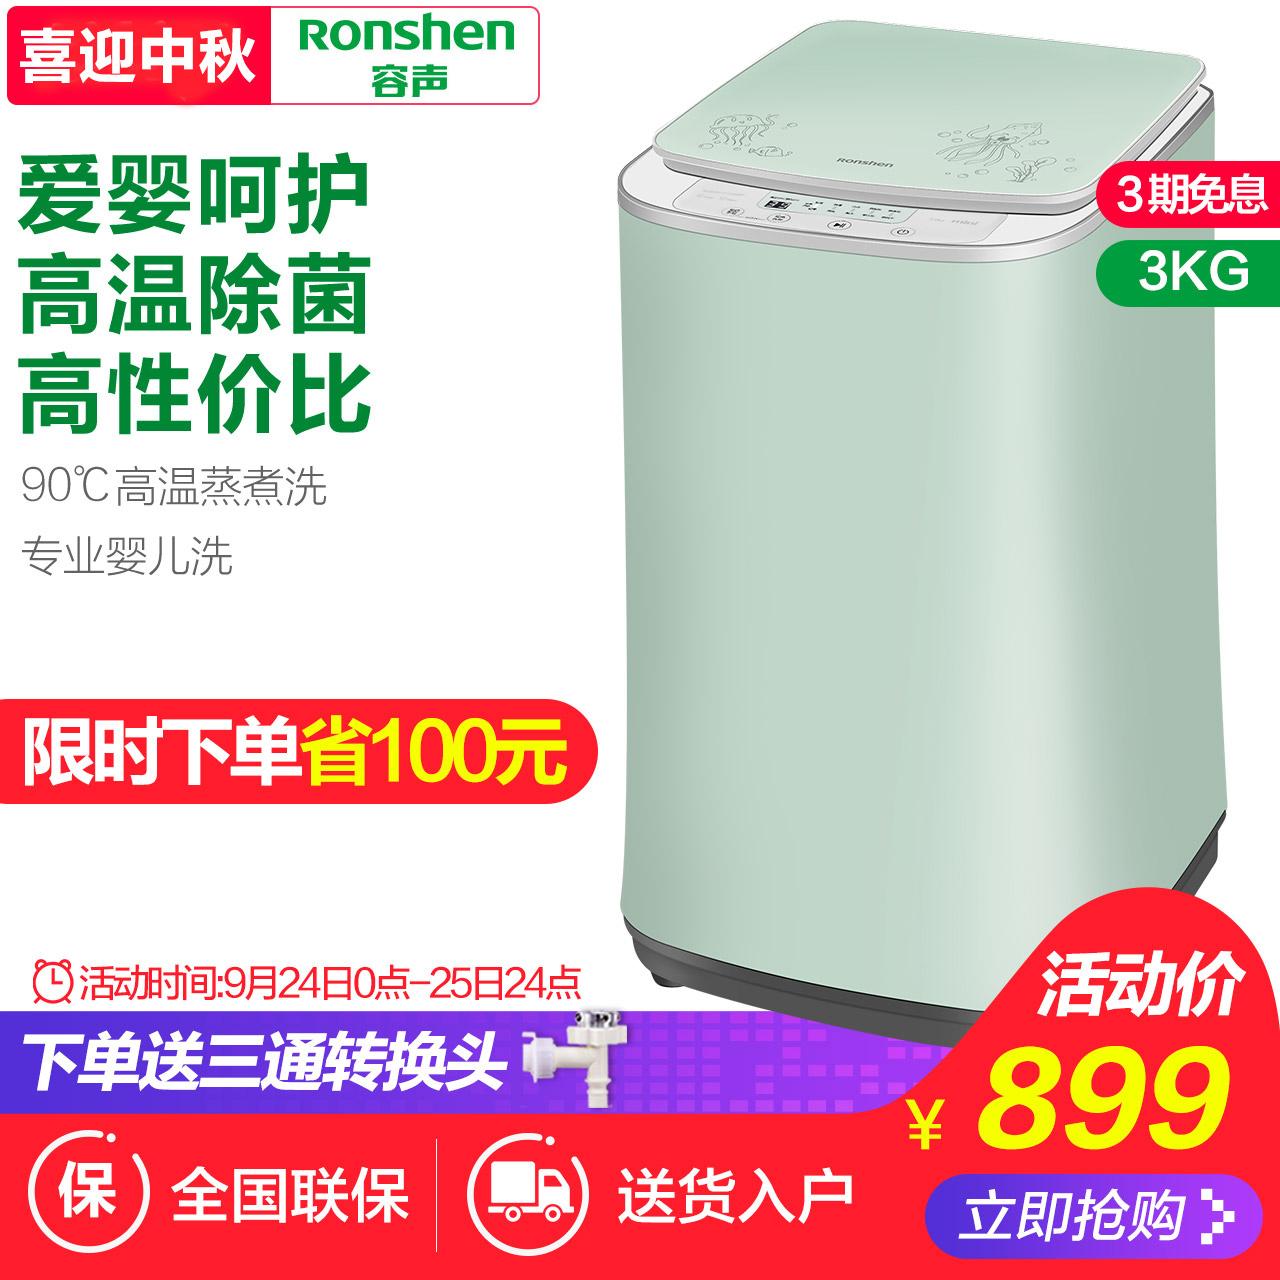 容声XQB30-H1088C(GR)迷你波轮全自动洗衣机小型3公斤婴儿童家用